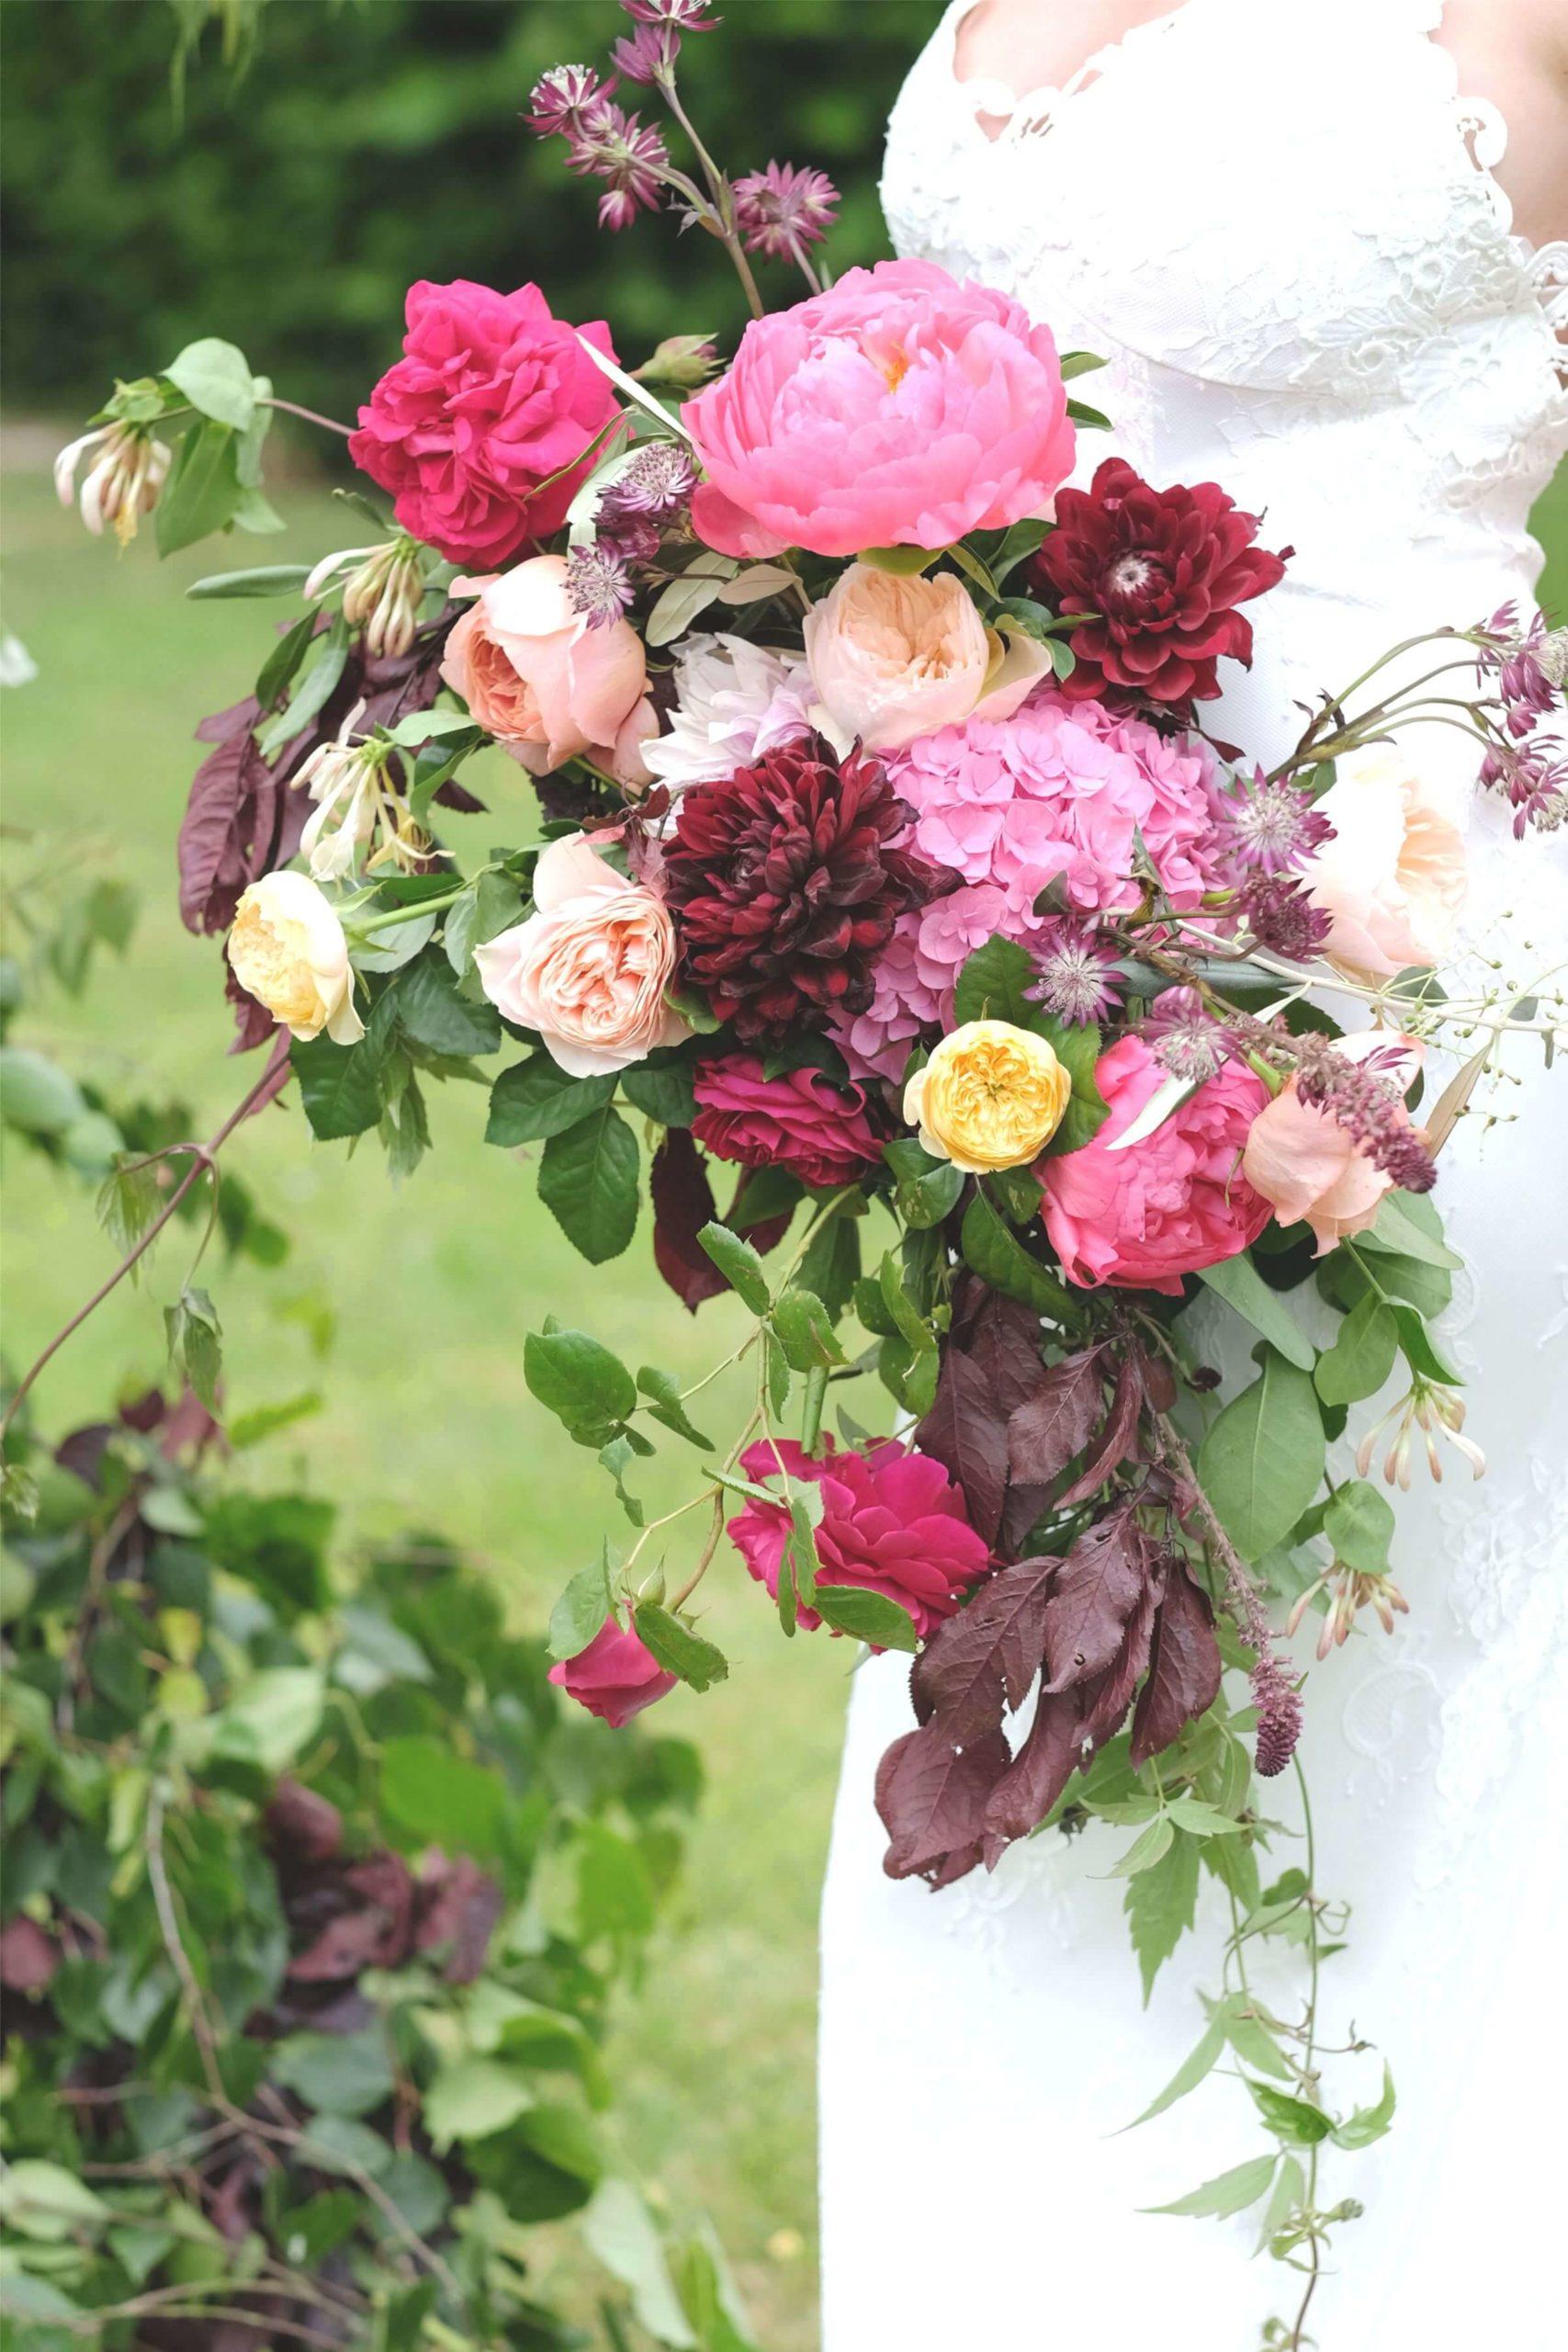 Rose, Claret & Blackberries 20